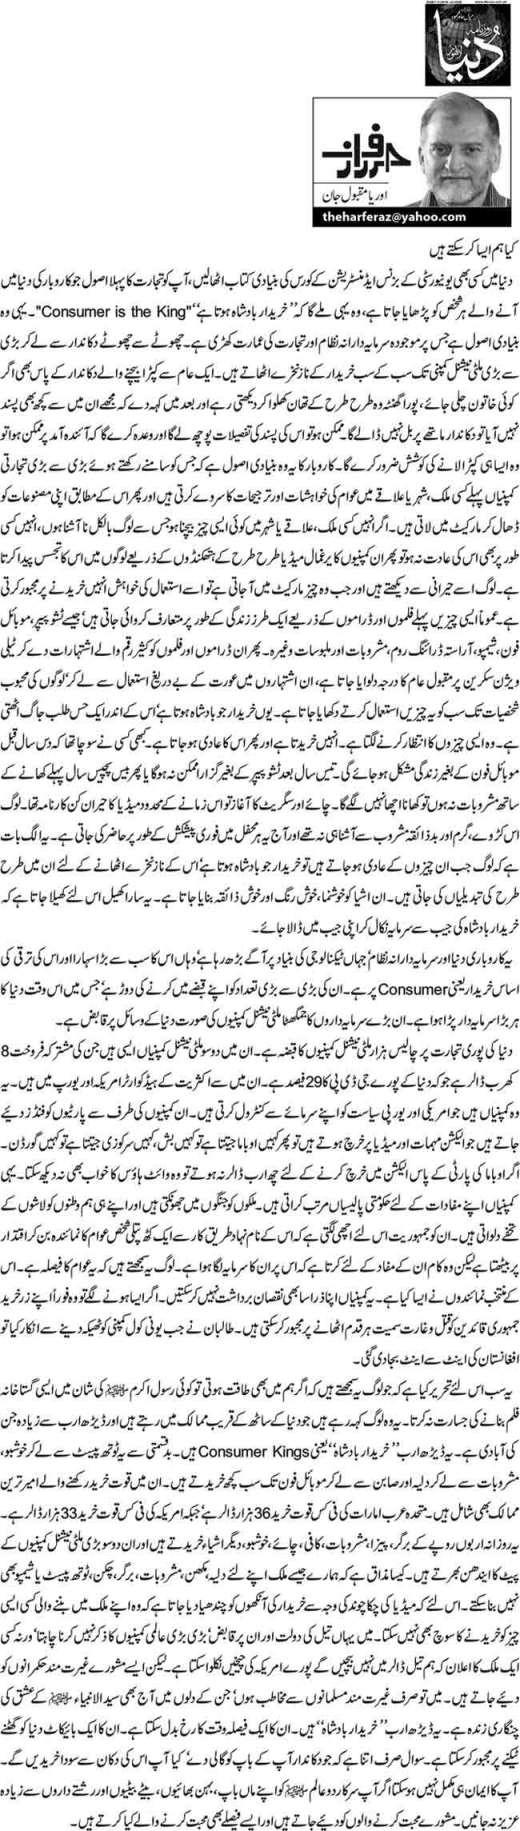 Kia hum aisa kar saktay hain - Orya Maqbool Jan